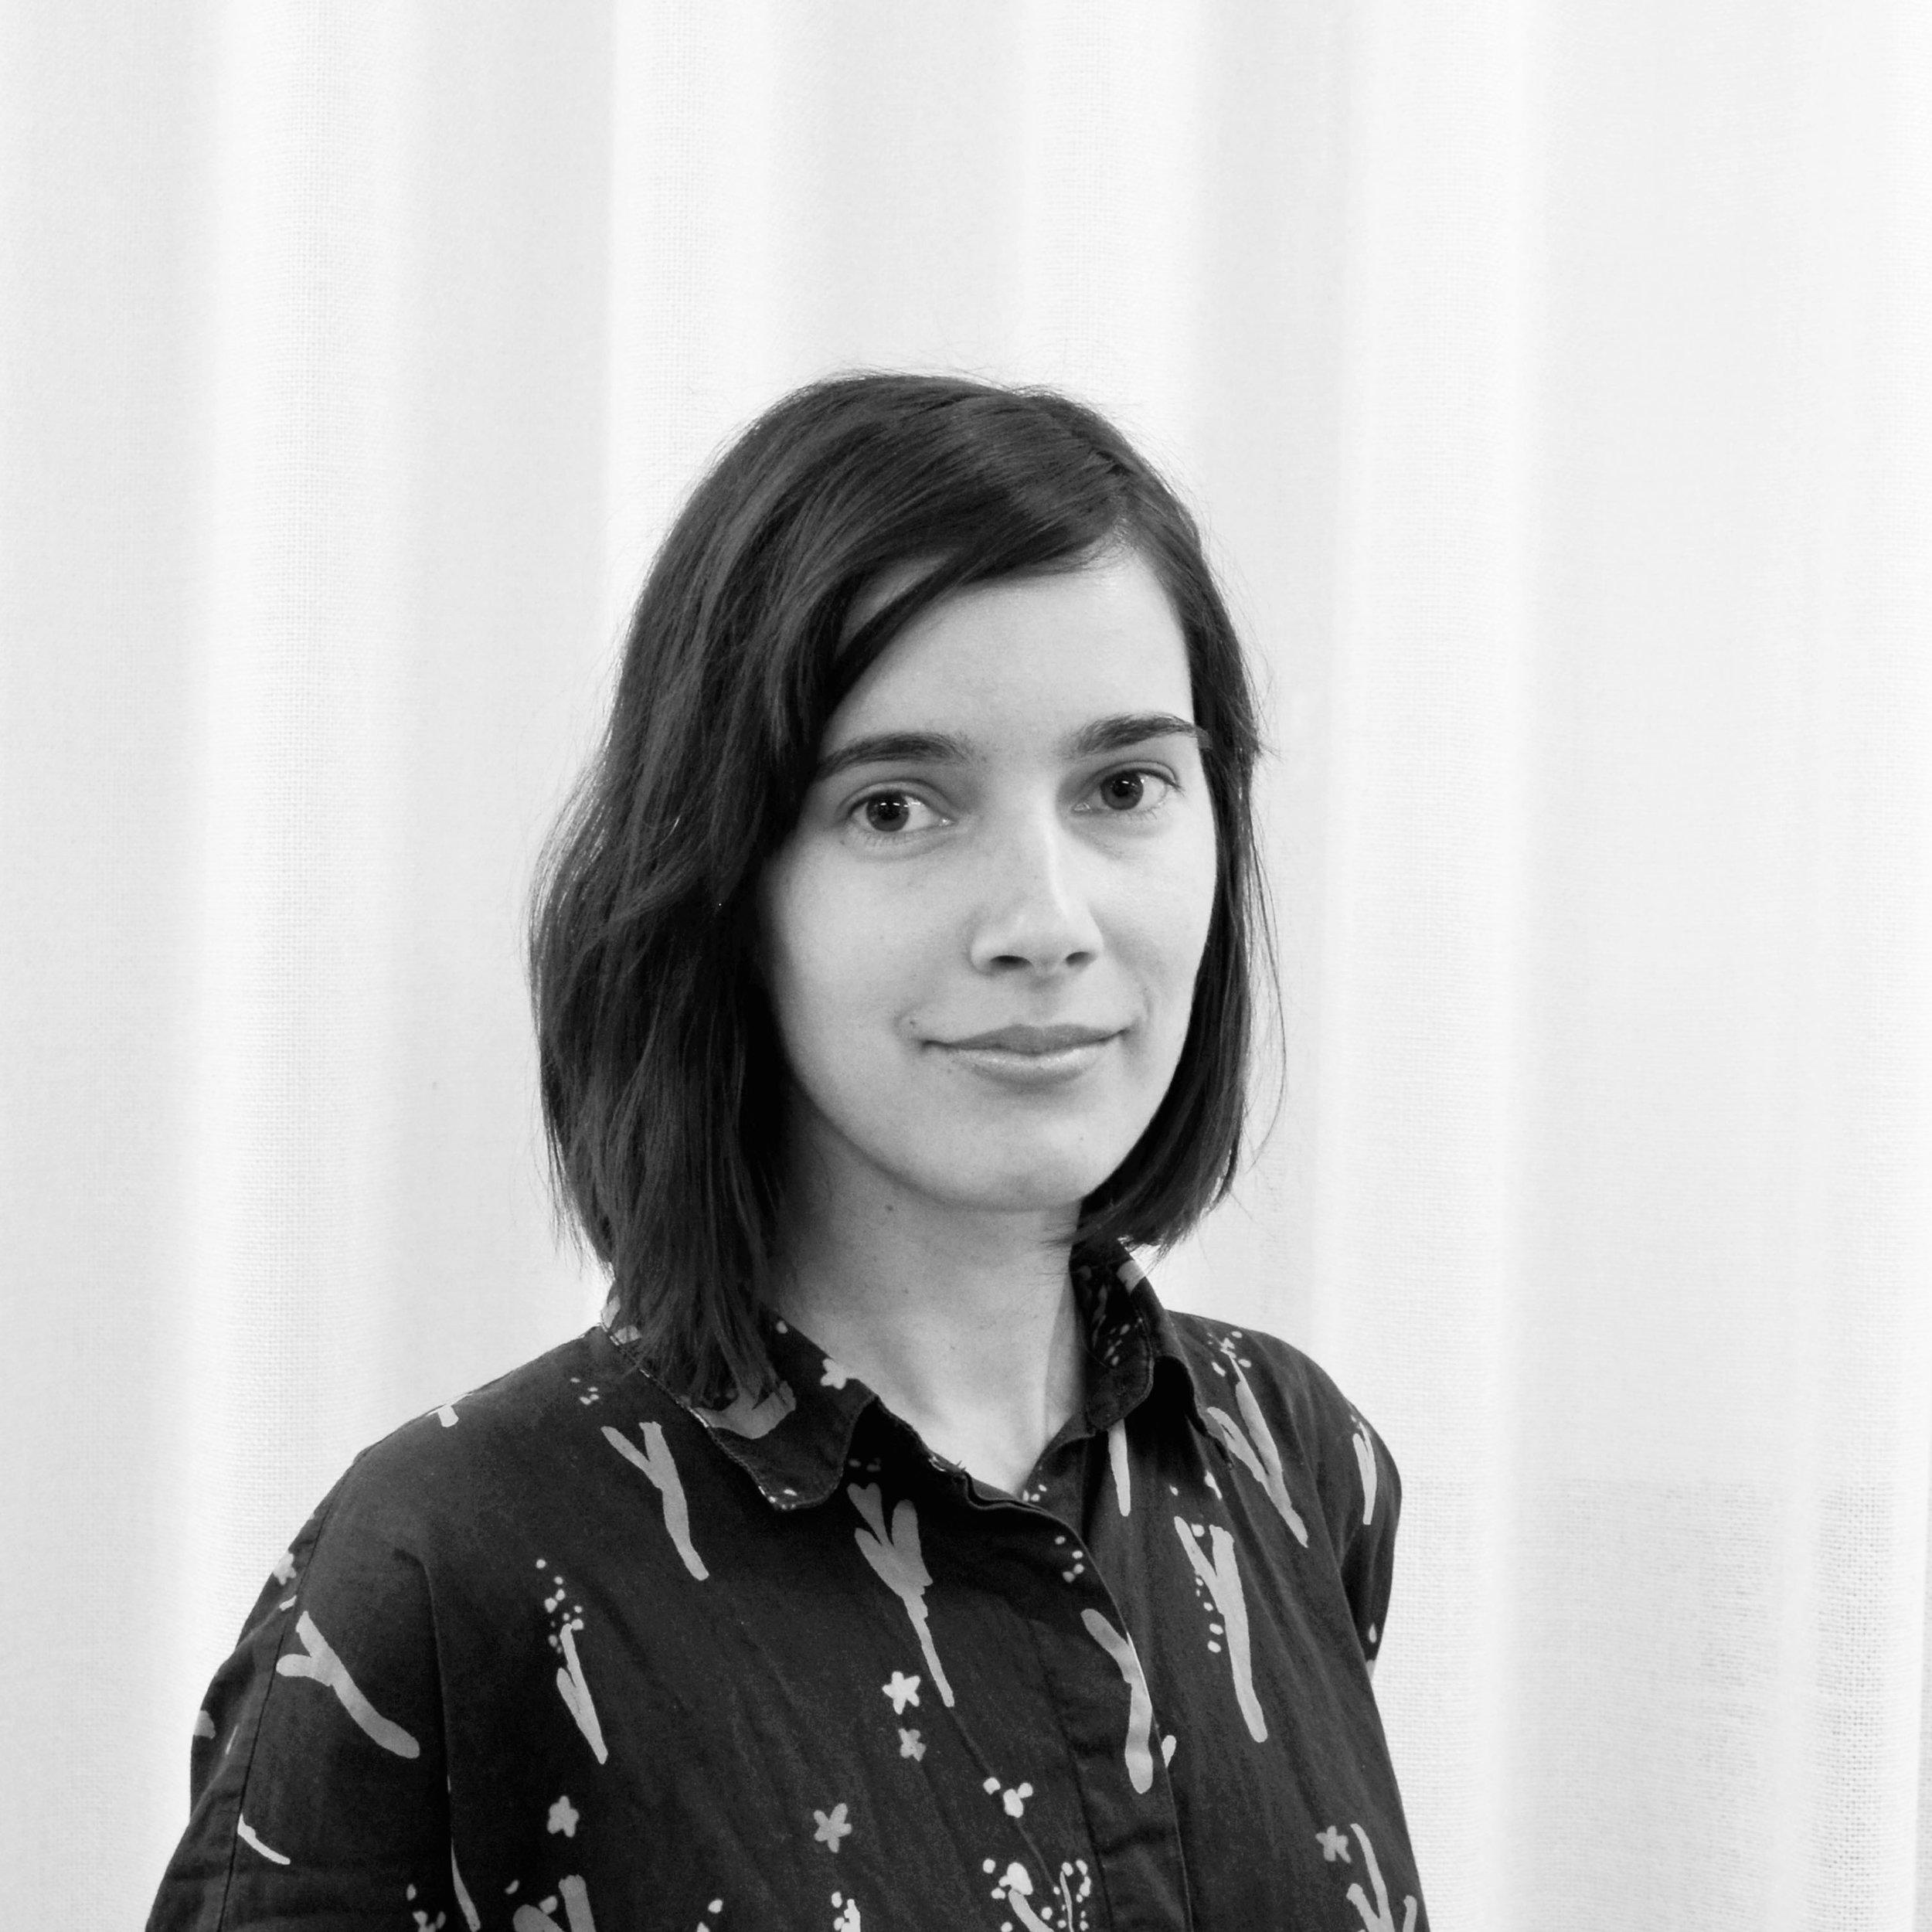 Eva Strocholcova Architect  eva@spridd.se